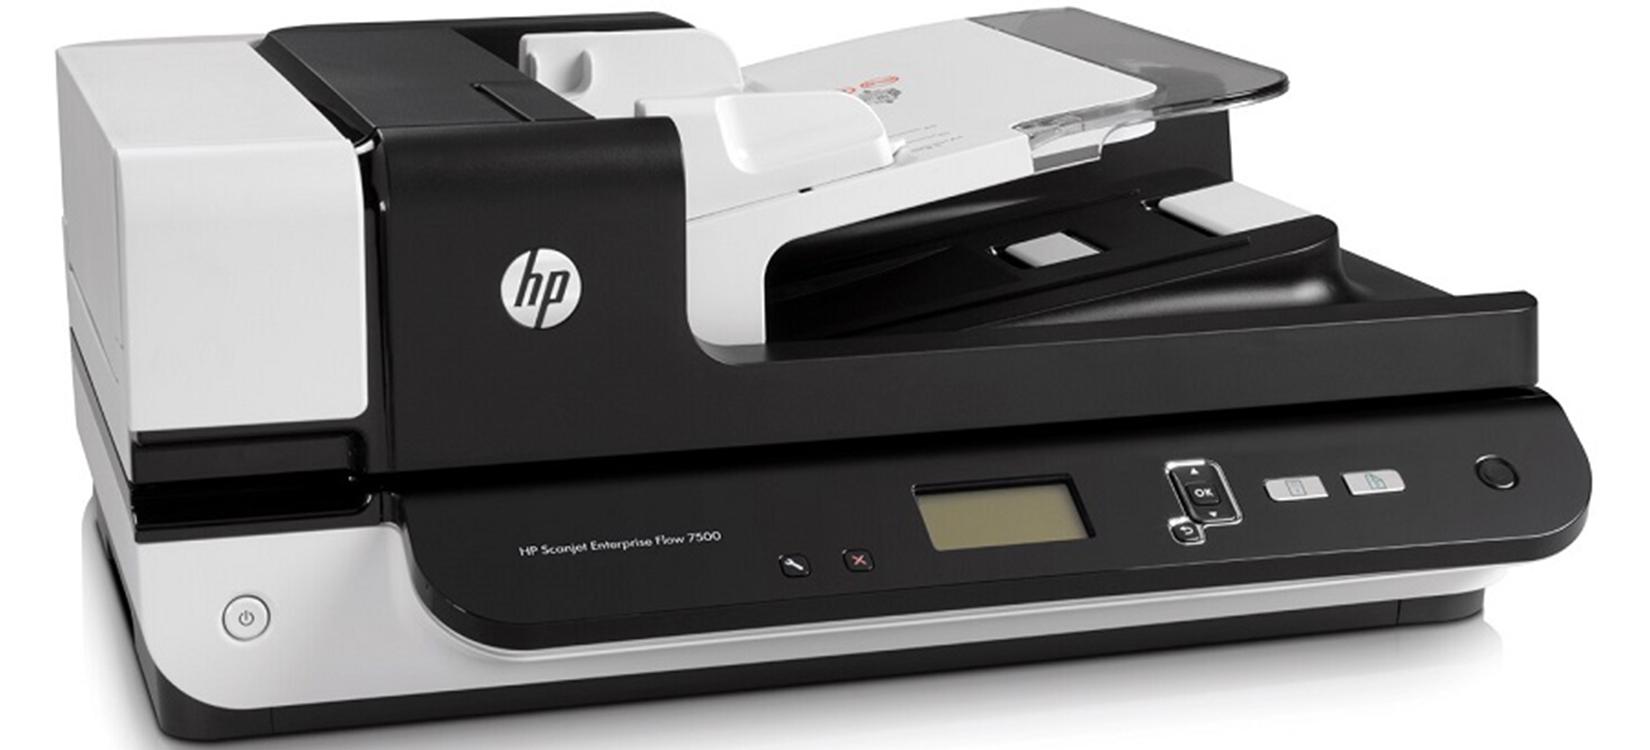 Scanner HP ENT7500-3